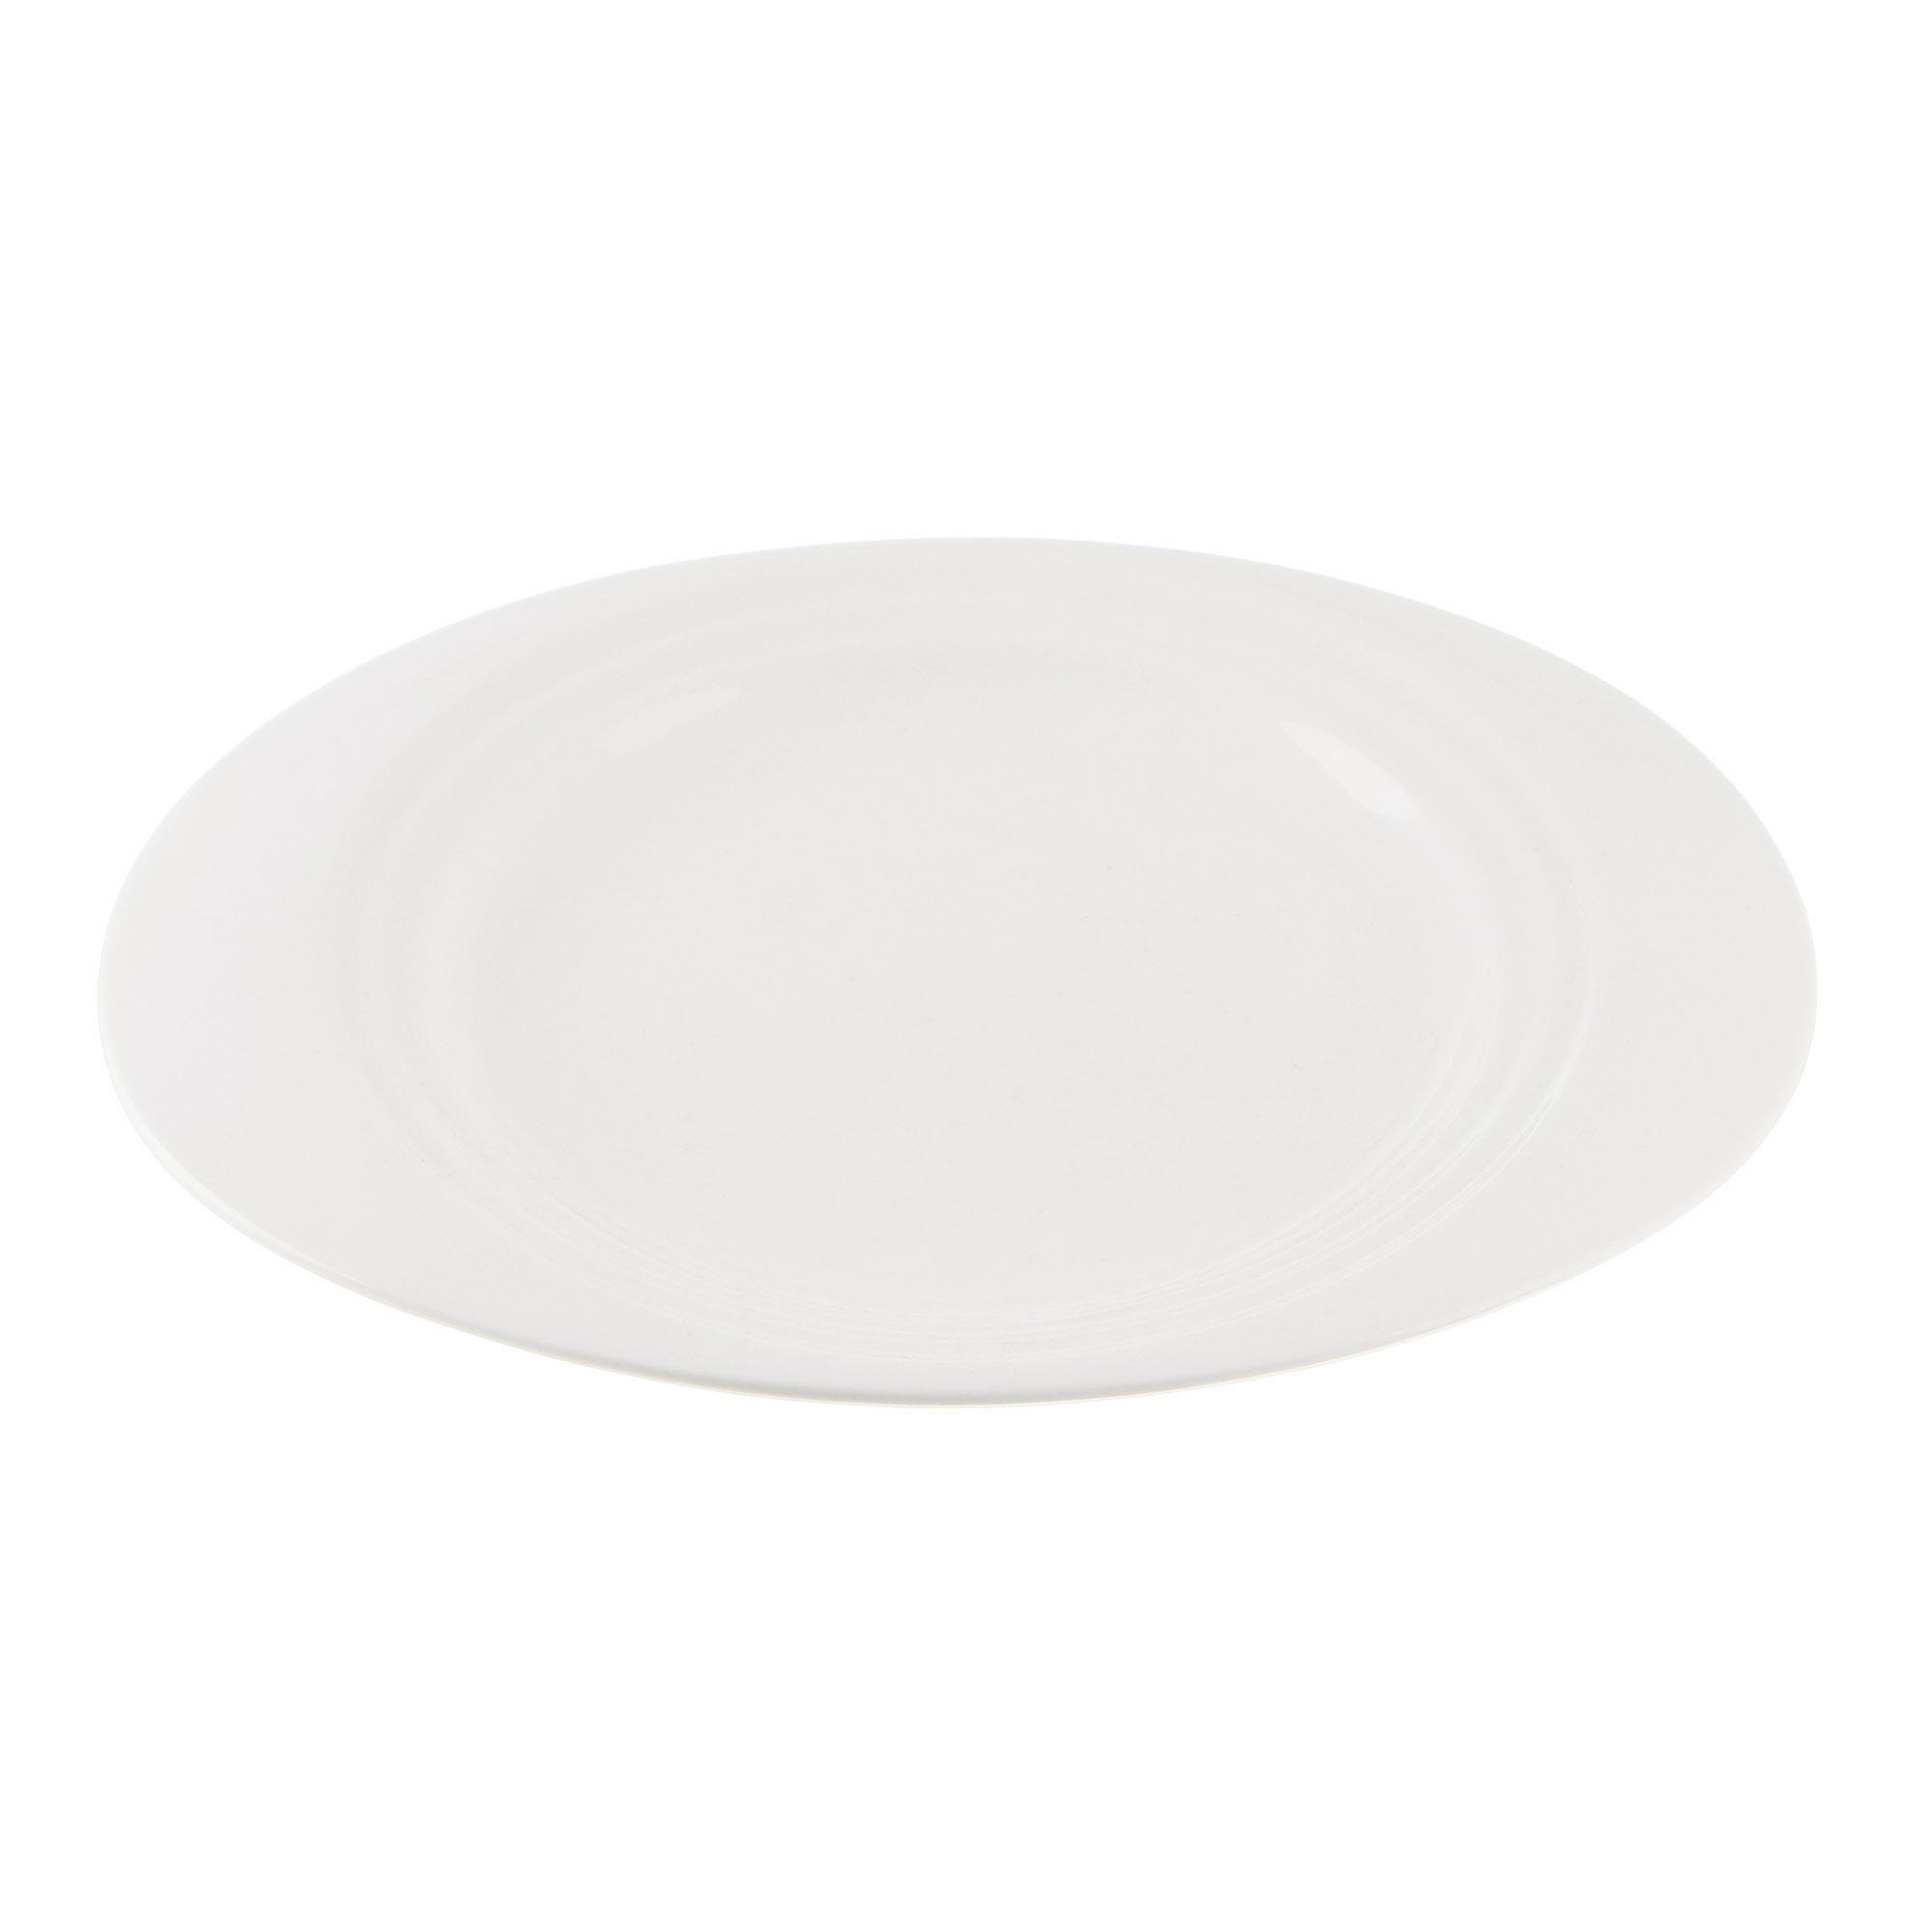 Тарелка Cameo Concentrics фарфор 28,2 см